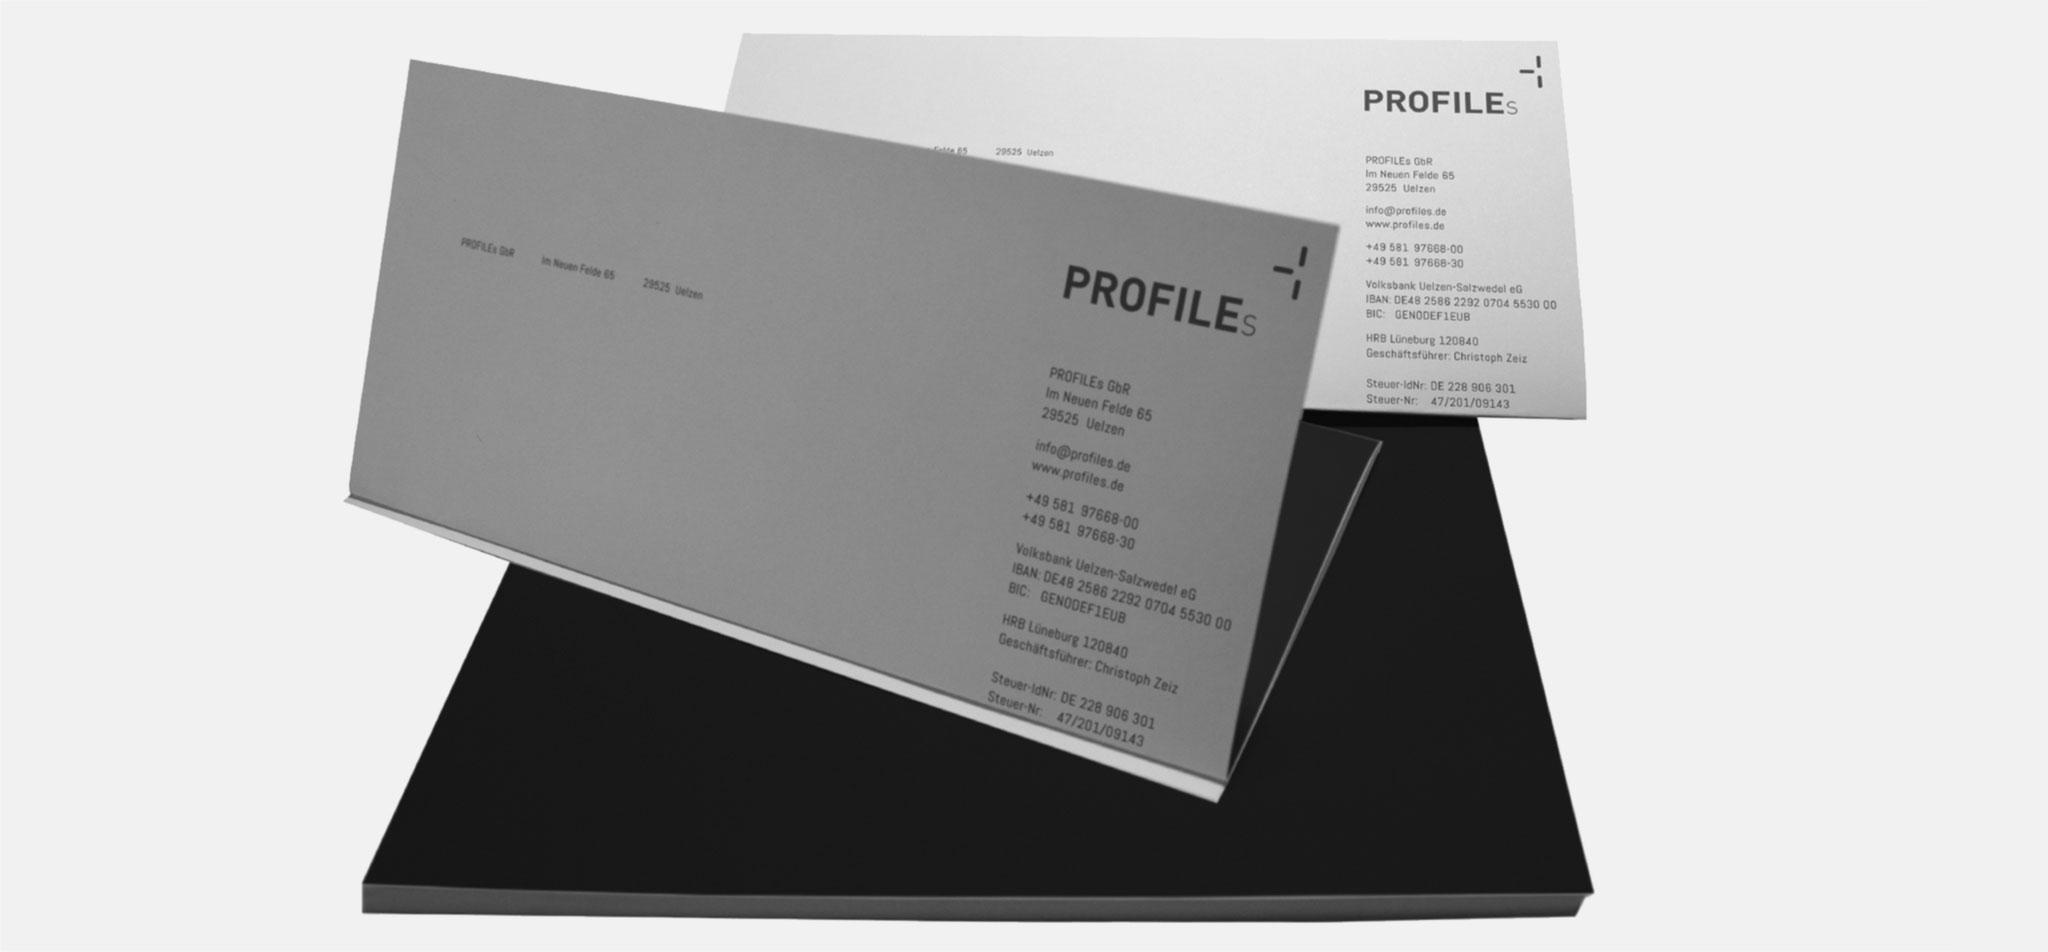 PROFILEs | logo und corporate design – infragrau, gute Gestaltung